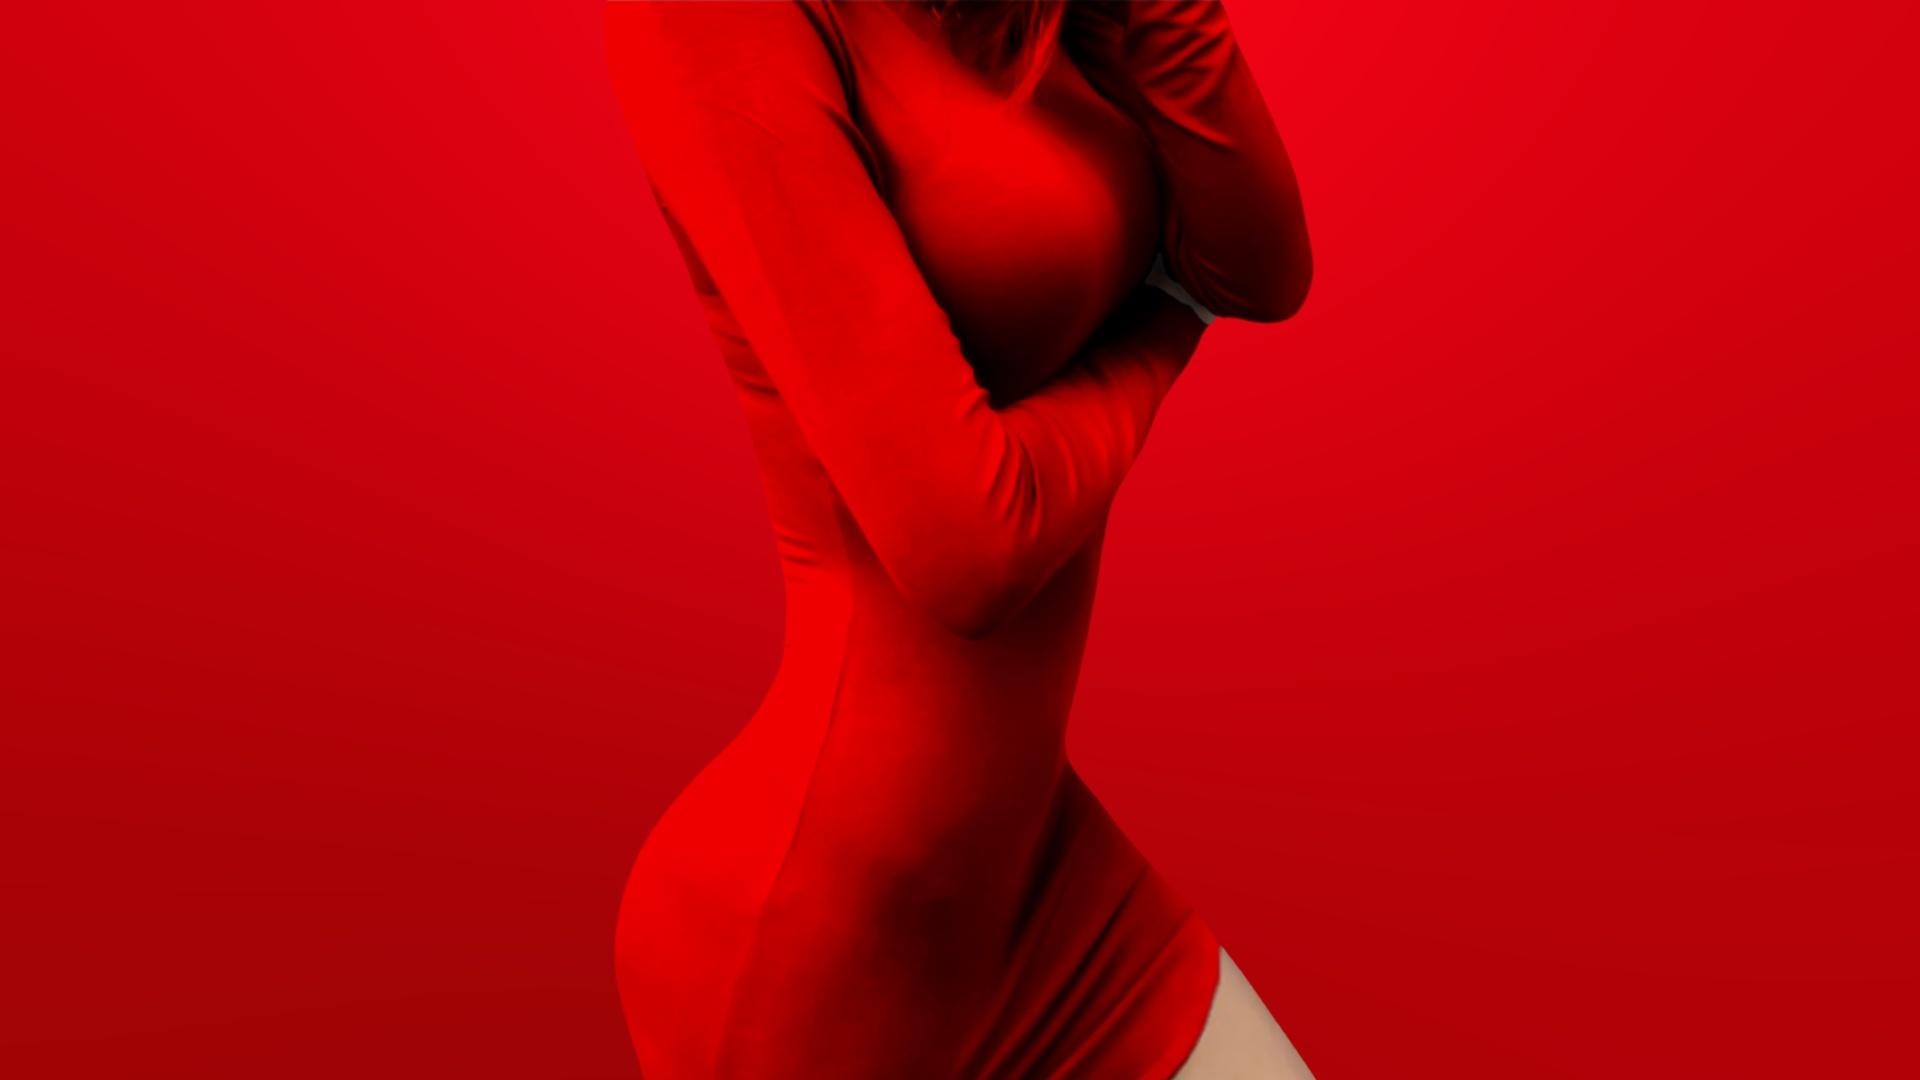 Эротические фото девушек в обтягивающем платье платье, Сексуальные платья в обтяжку - Девушки - Шняги. Нет 24 фотография